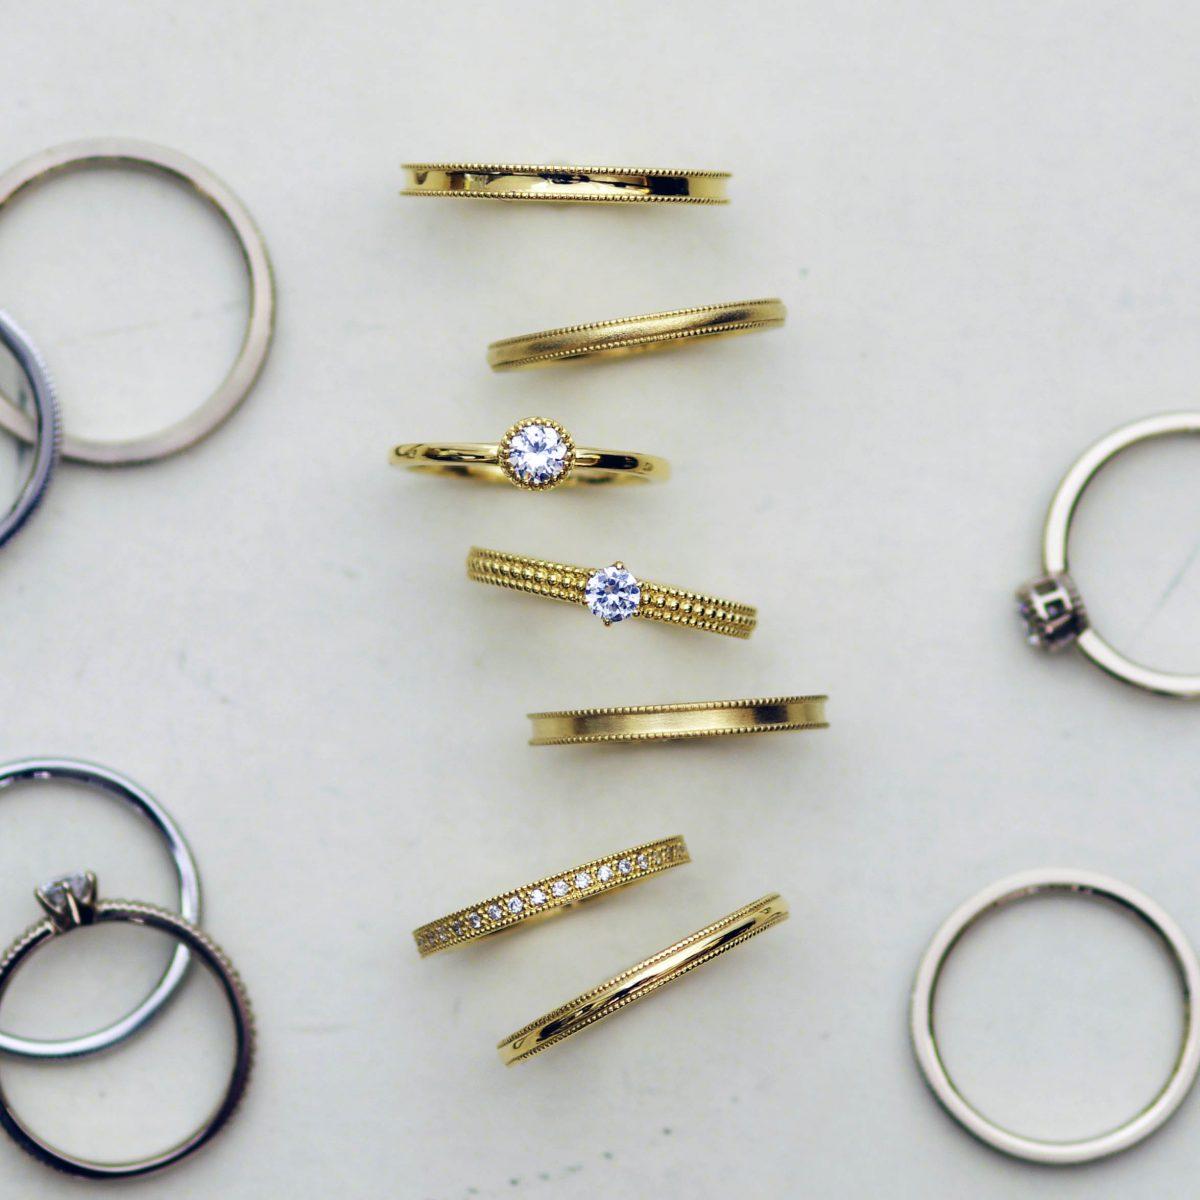 セミオーダーブランドのダイヤモンド婚約指輪と結婚指輪